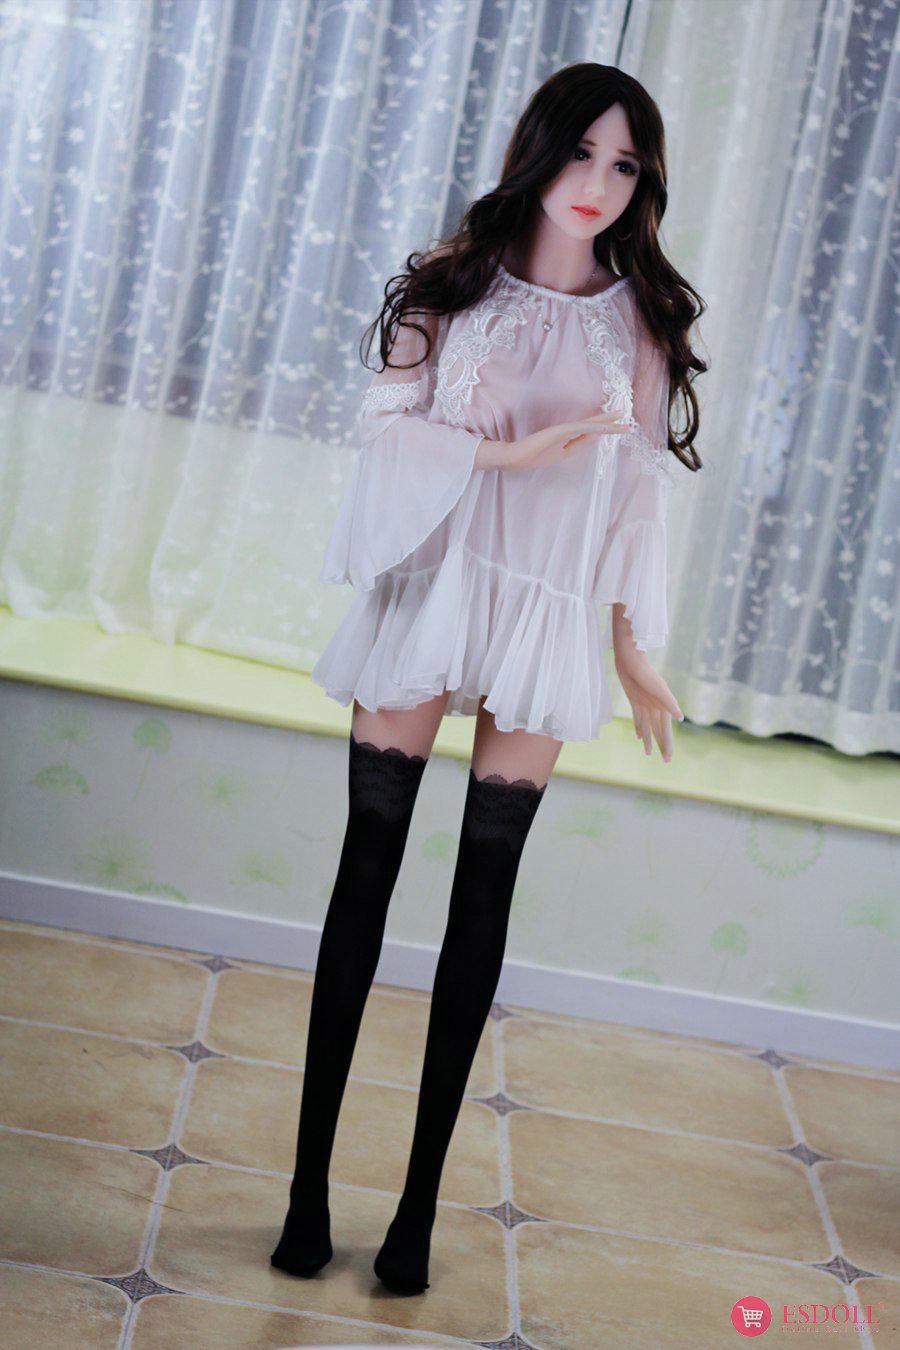 Ann 165cm sex doll - 3